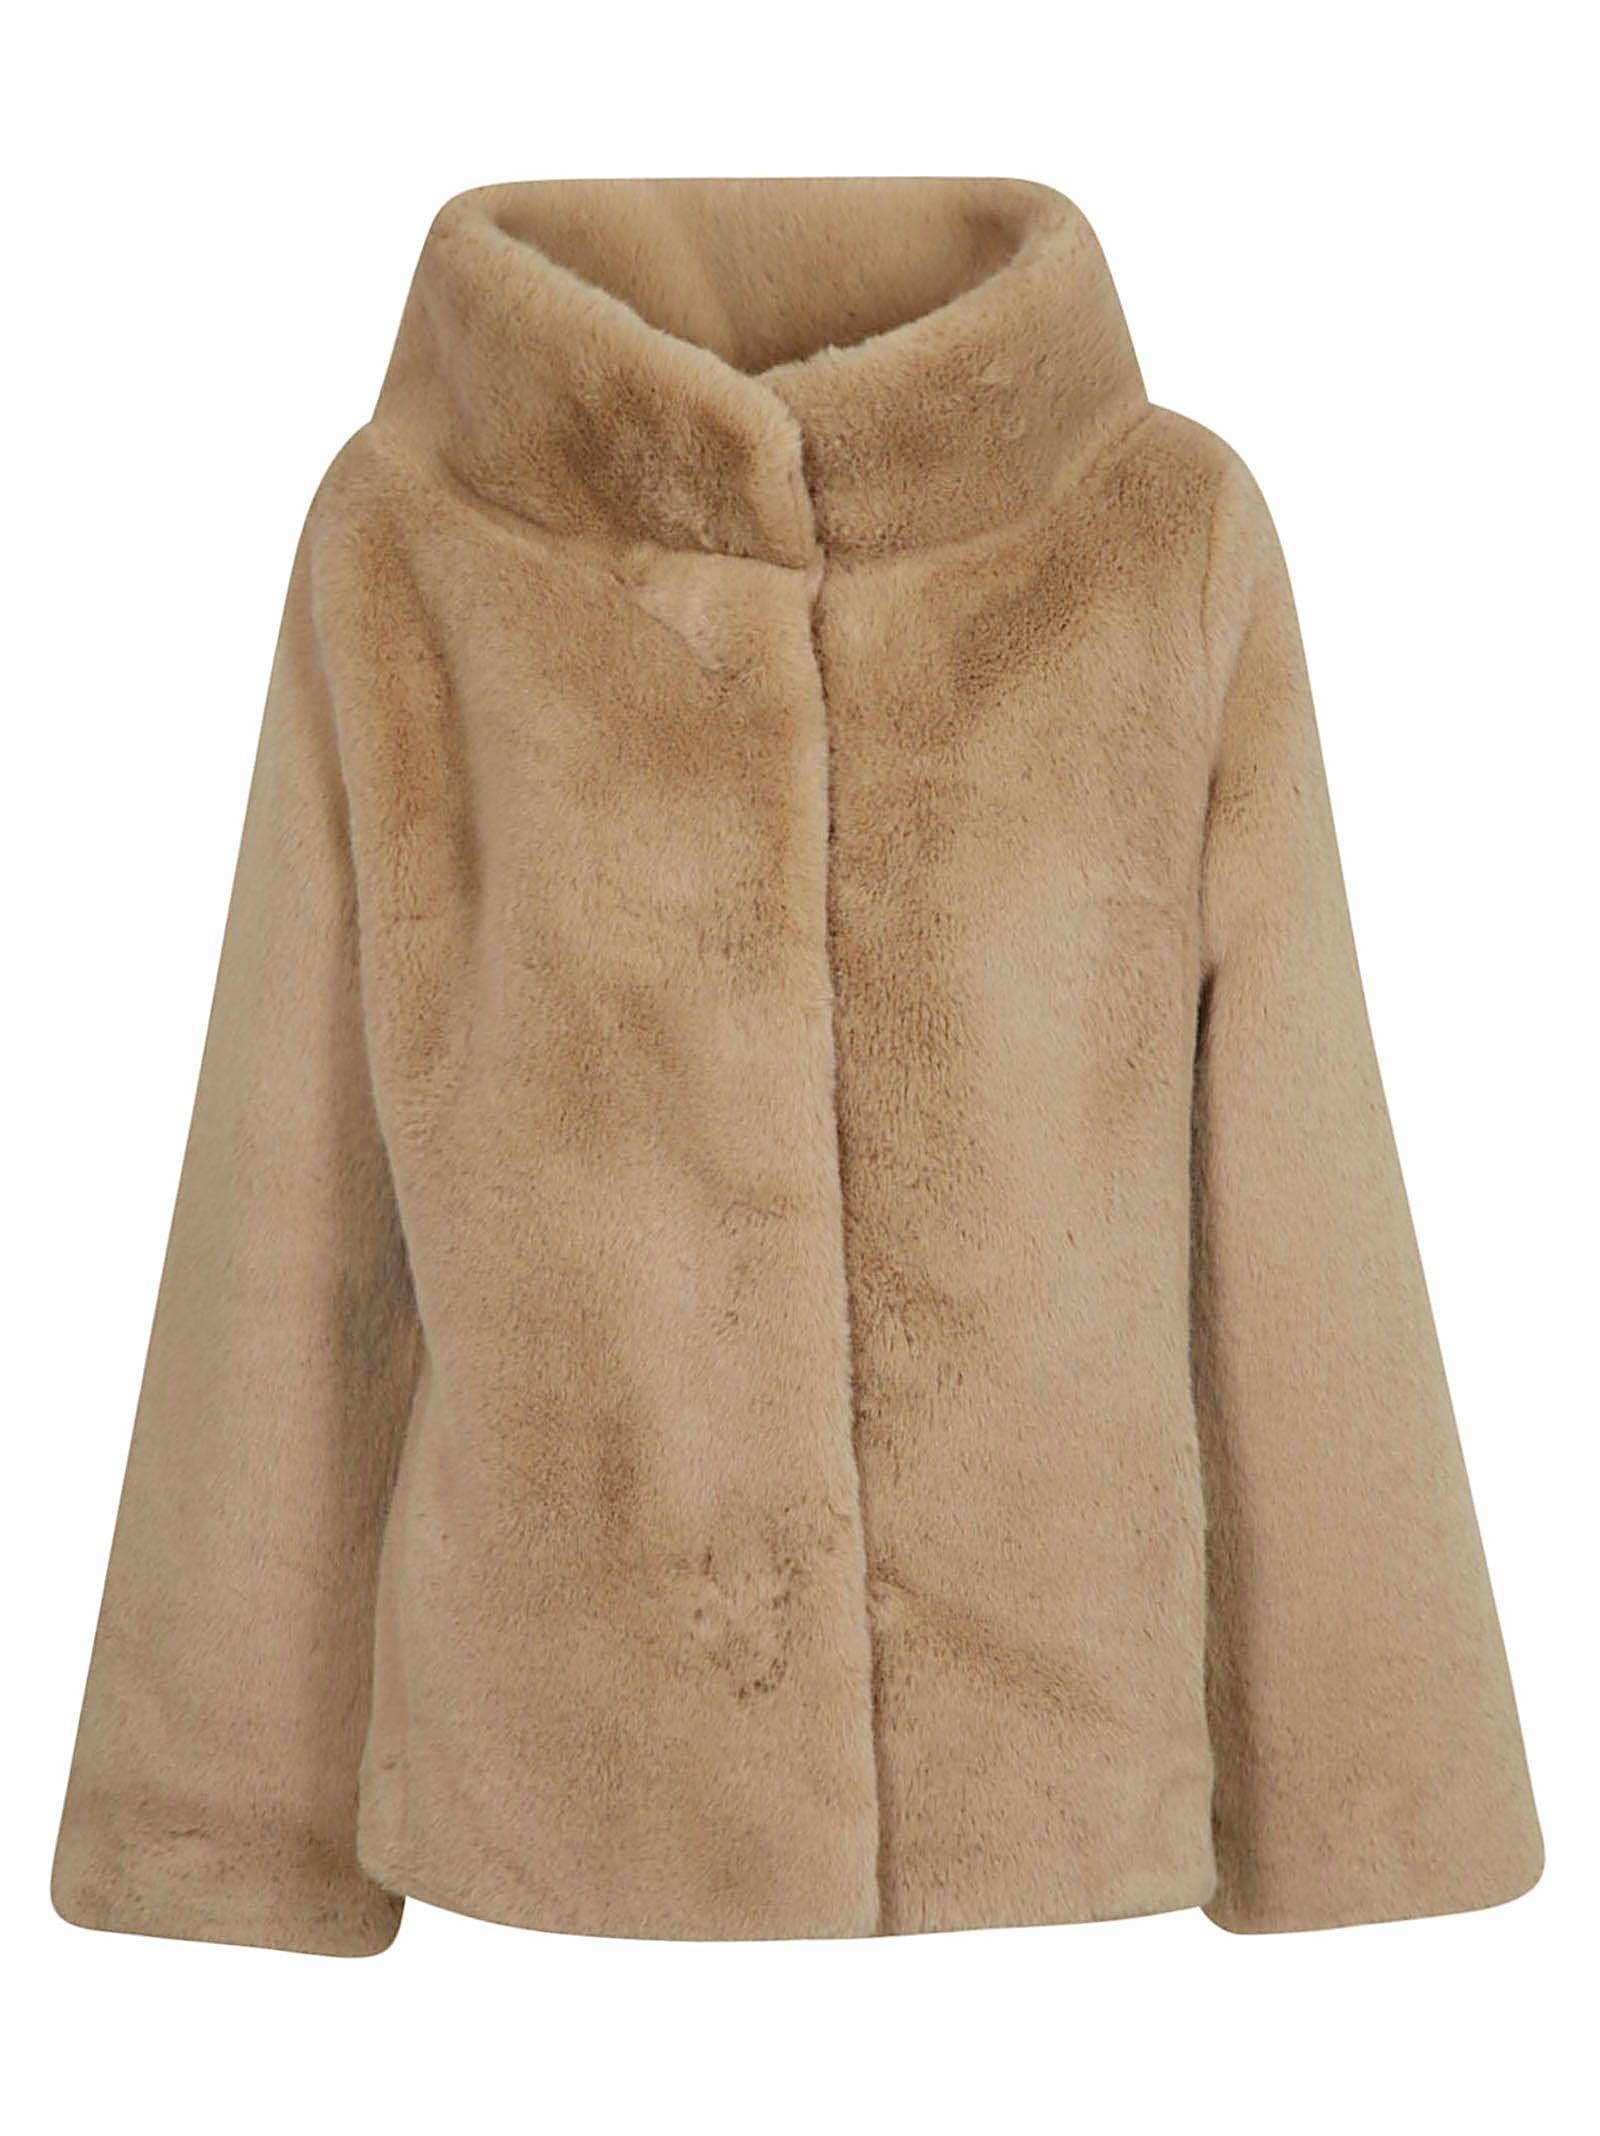 BETTA CORRADI Fur Jacket in Cammello